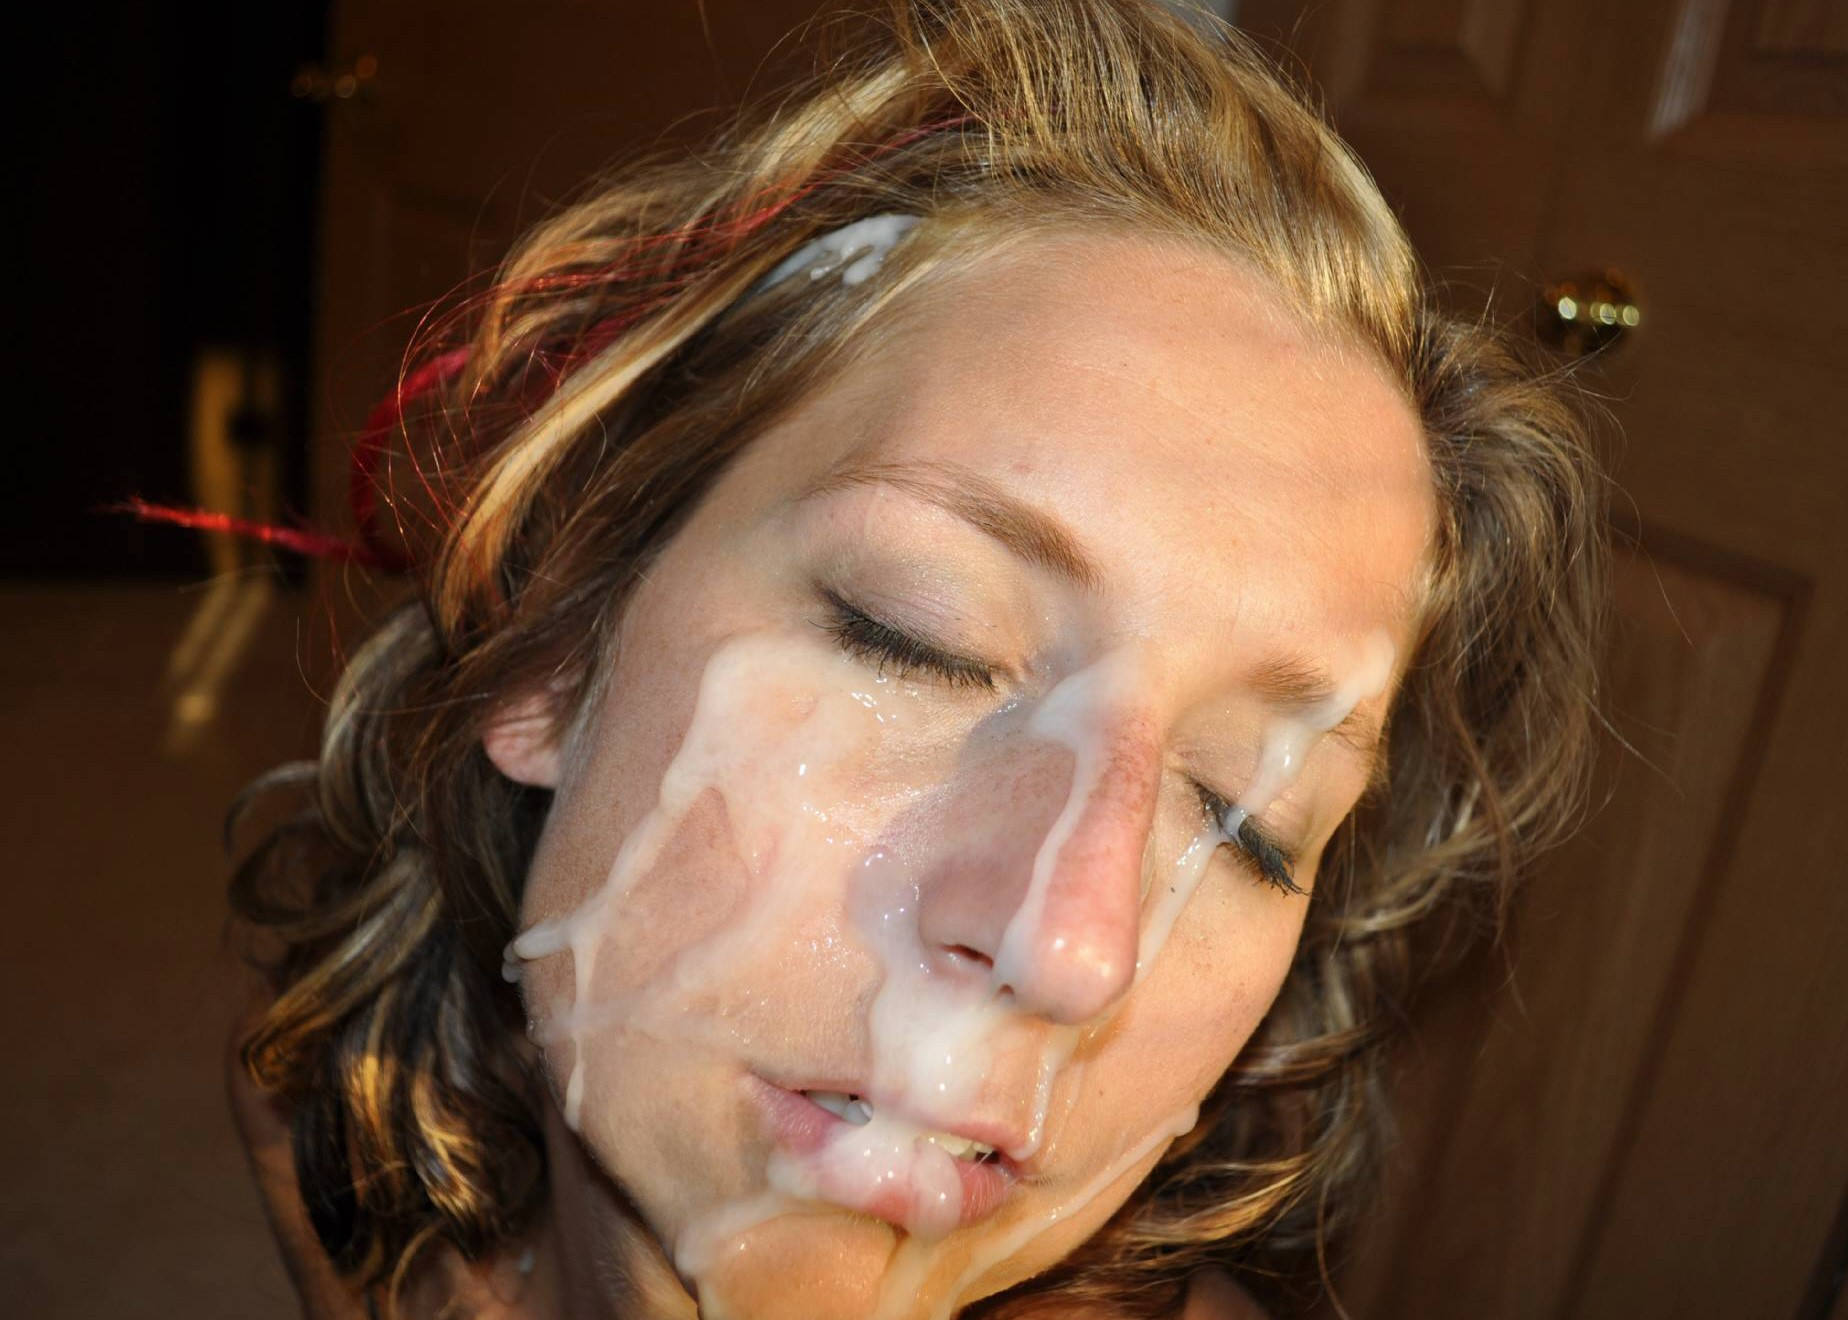 Красотки со спермой на лице после минета 4 фото